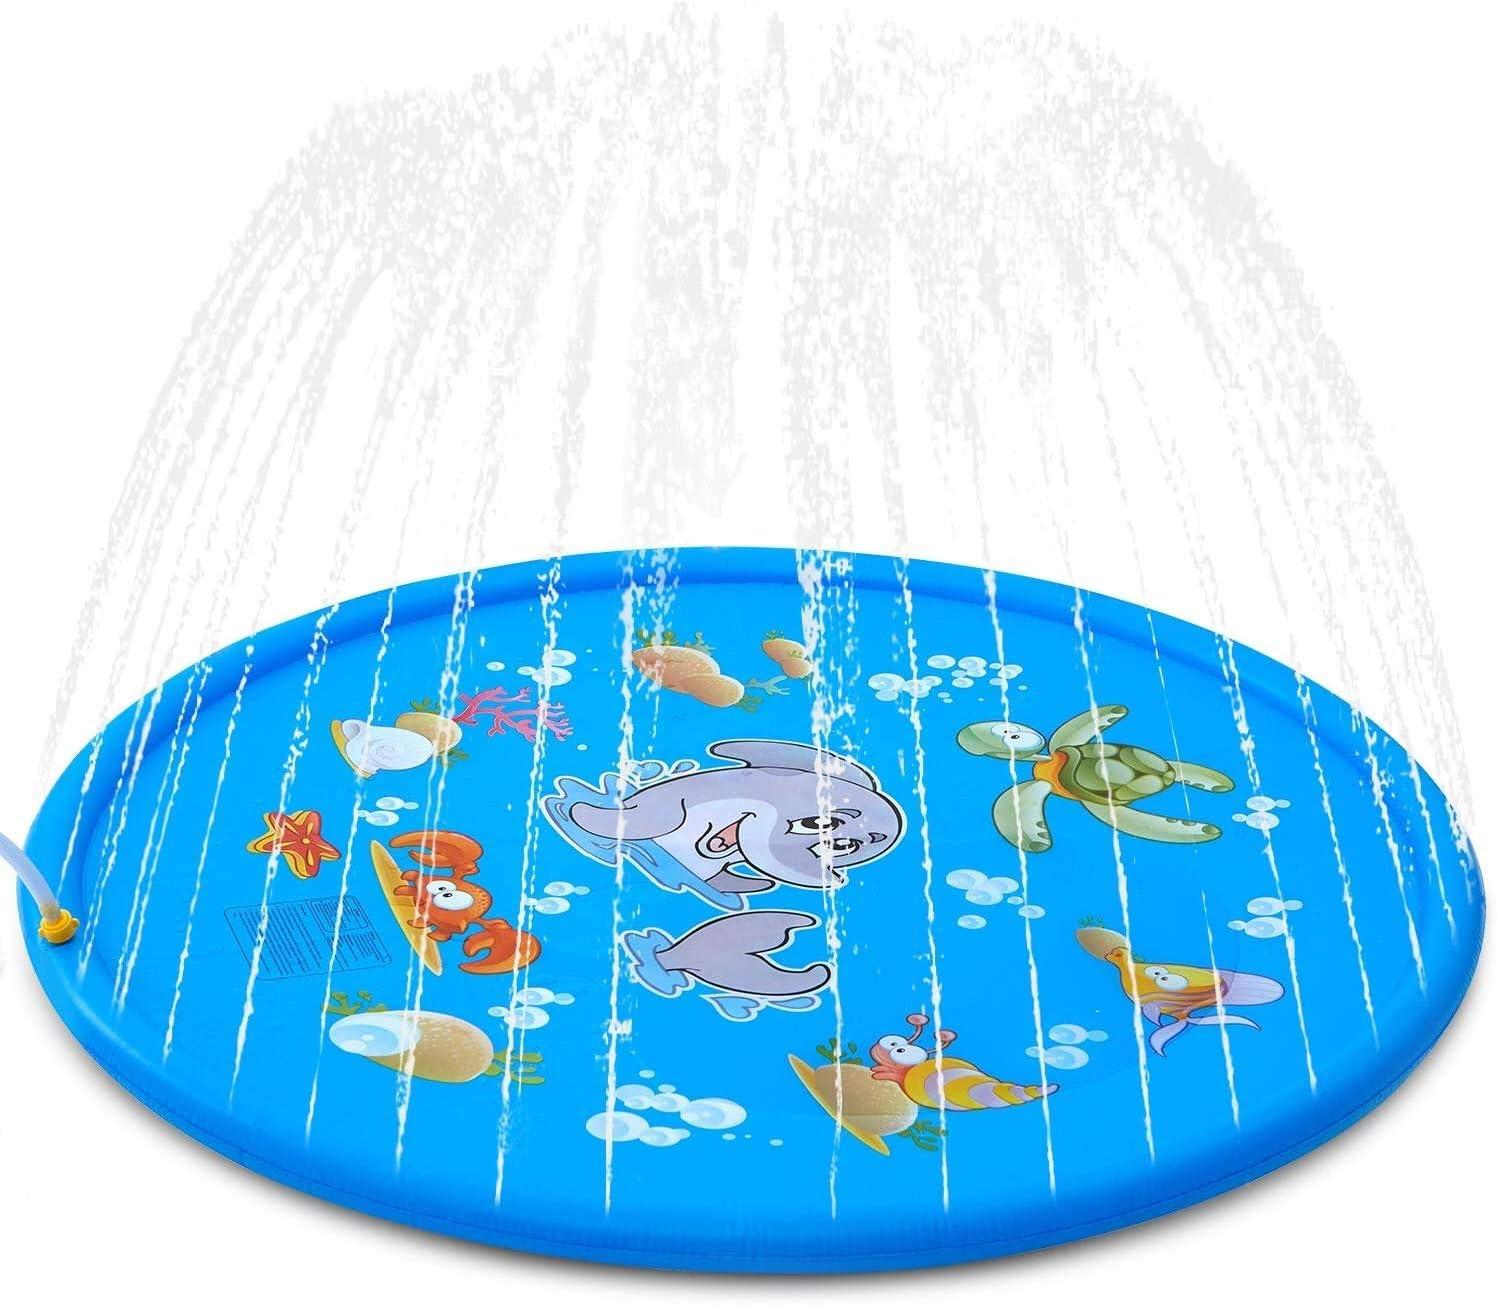 Azul 4 Pulchram Splash Pad Almohadilla de Aspersi/ón de 170 cm Water Play Mat Party Sprinkler Splash Pad Summer Spray Juguetes para Ni/ños y Mascotas Jard/ín al Aire Libre Actividades Familiares